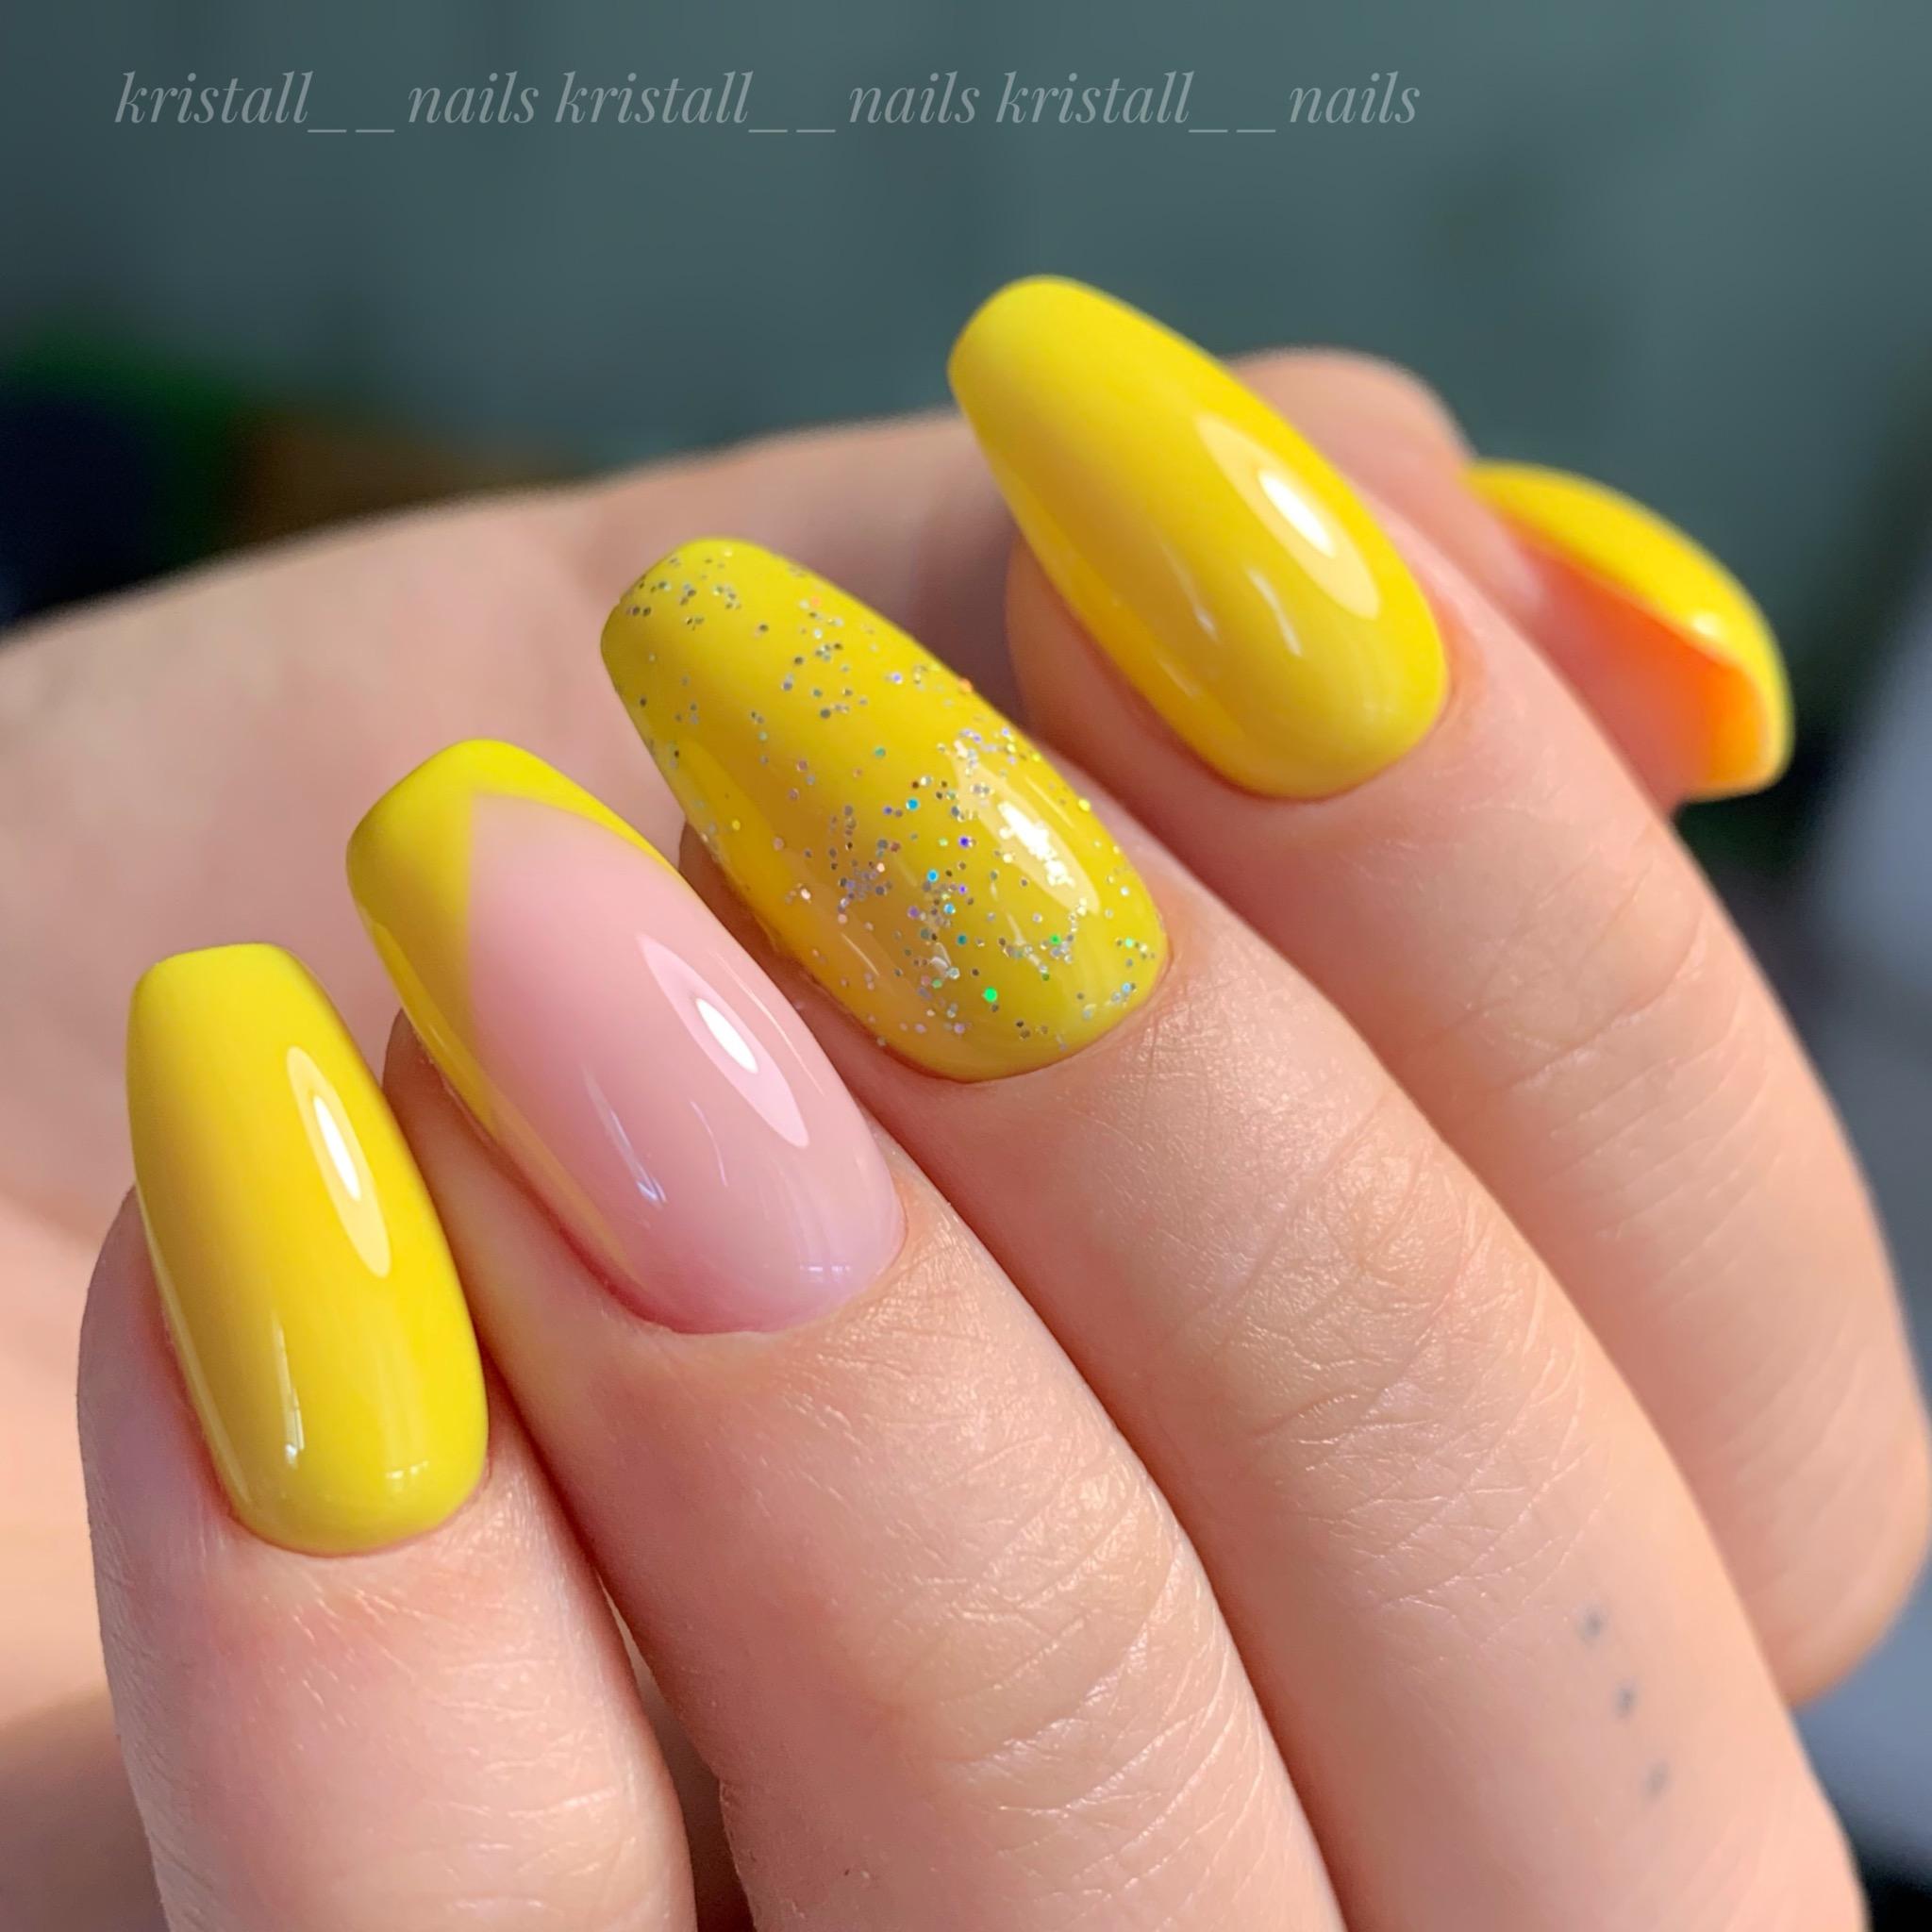 Маникюр с френч-дизайном и блестками в желтом цвете на длинные ногти.